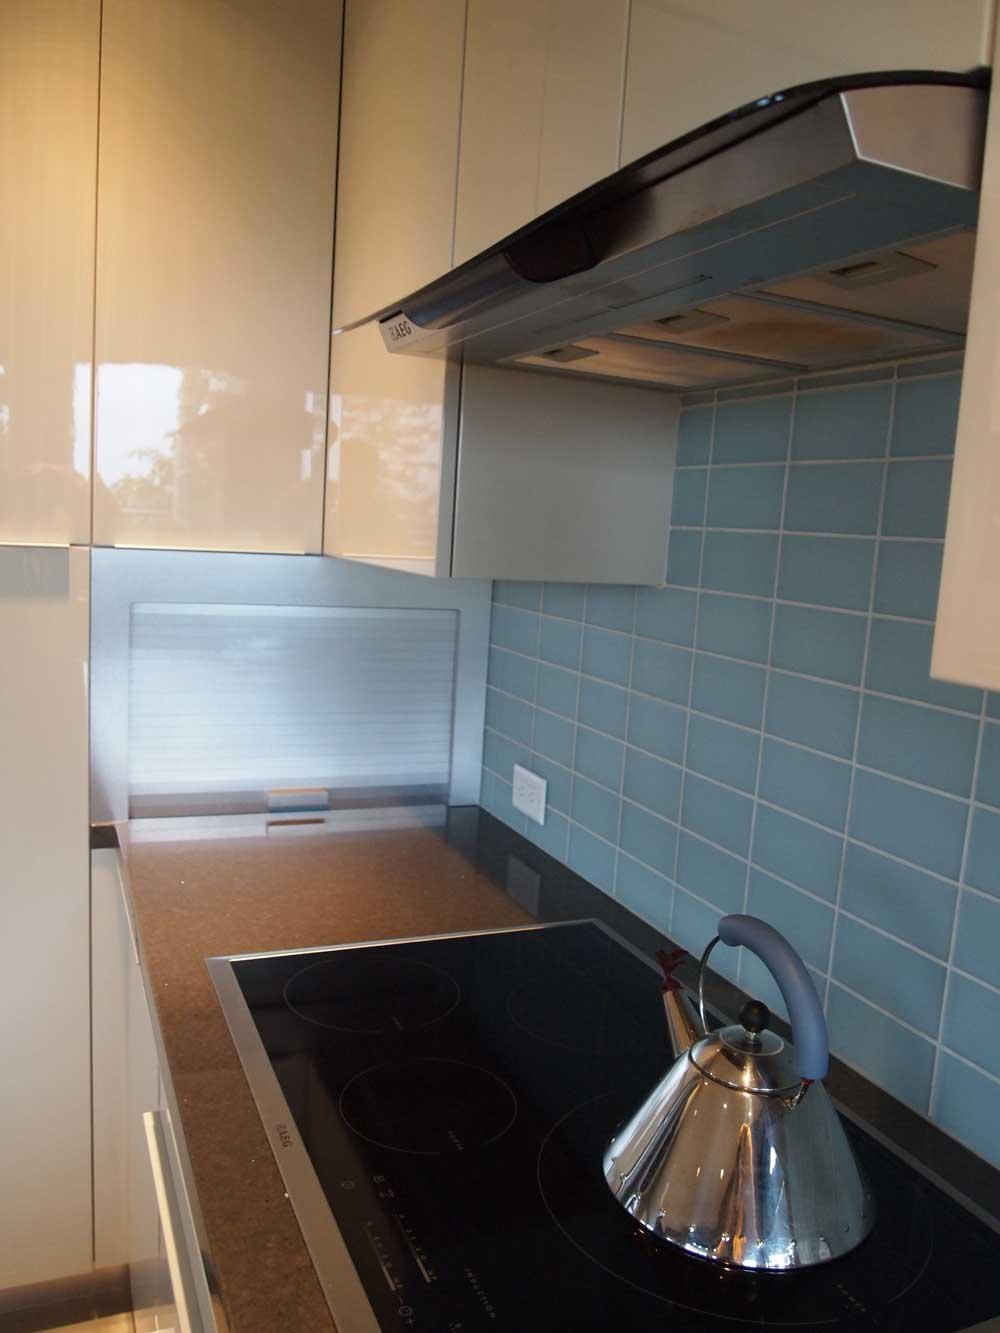 Kitchen Cabinet Organizer - Coordinated Kitchen and Bath